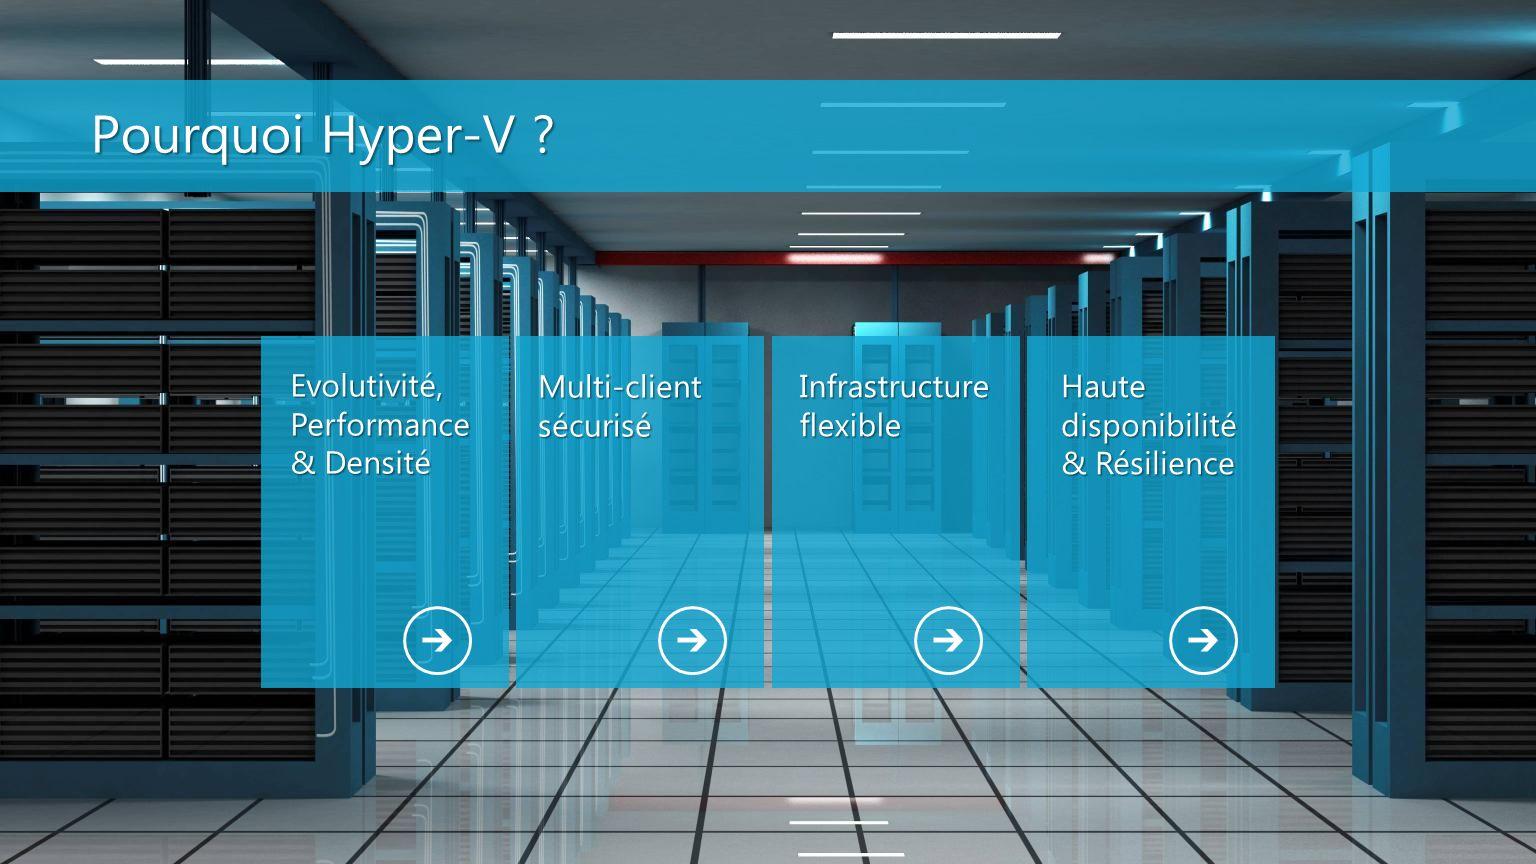 Pourquoi Hyper-V ? Evolutivité, Performance & Densité Multi-client sécurisé Infrastructure flexible Haute disponibilité & Résilience